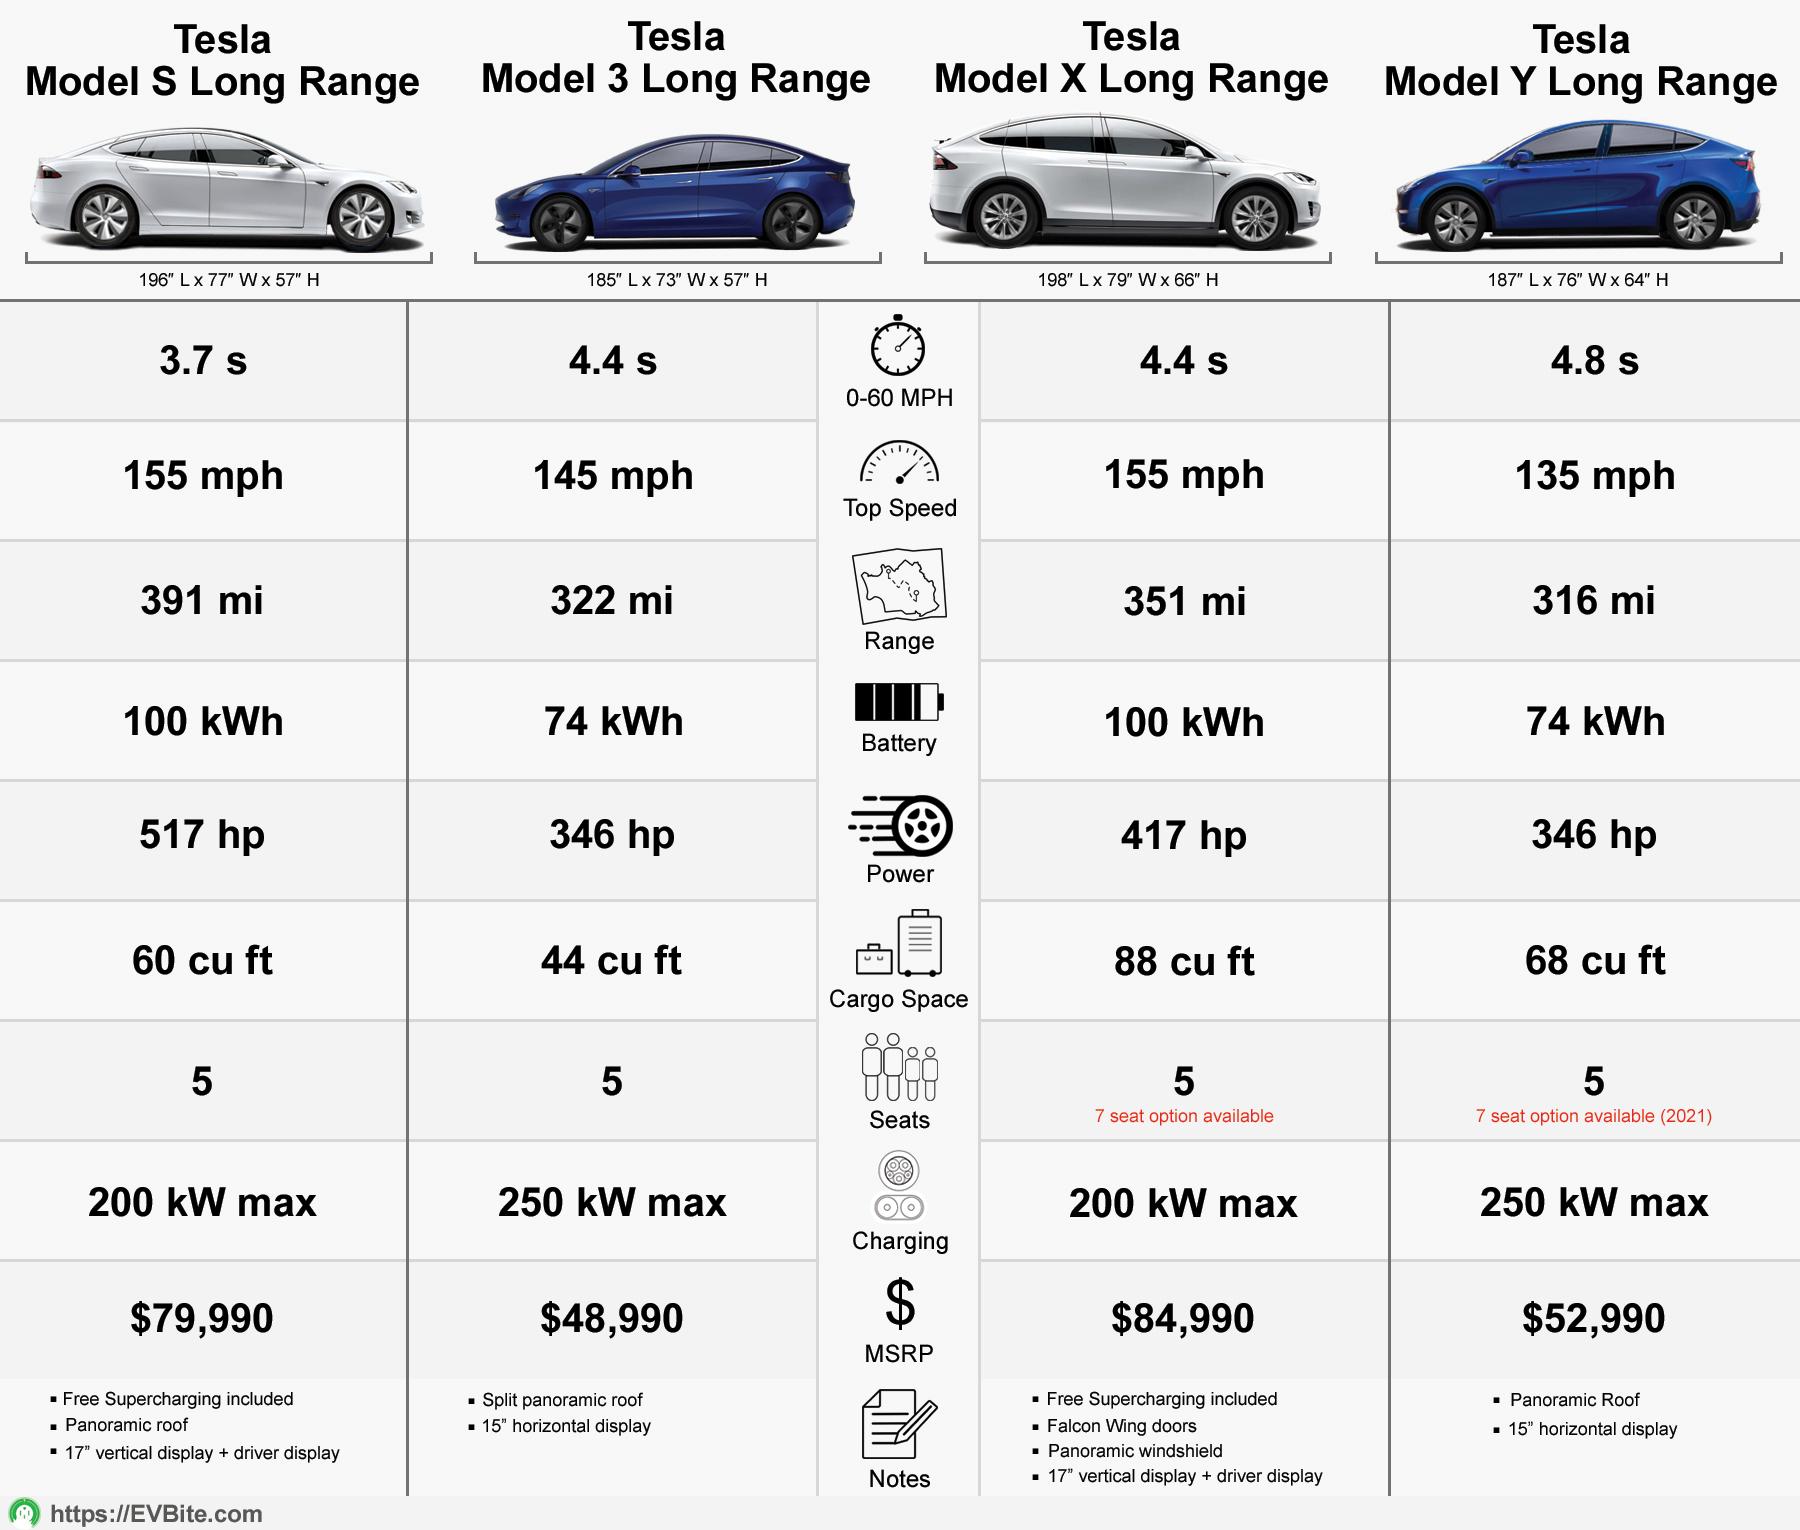 Tesla Models Compared